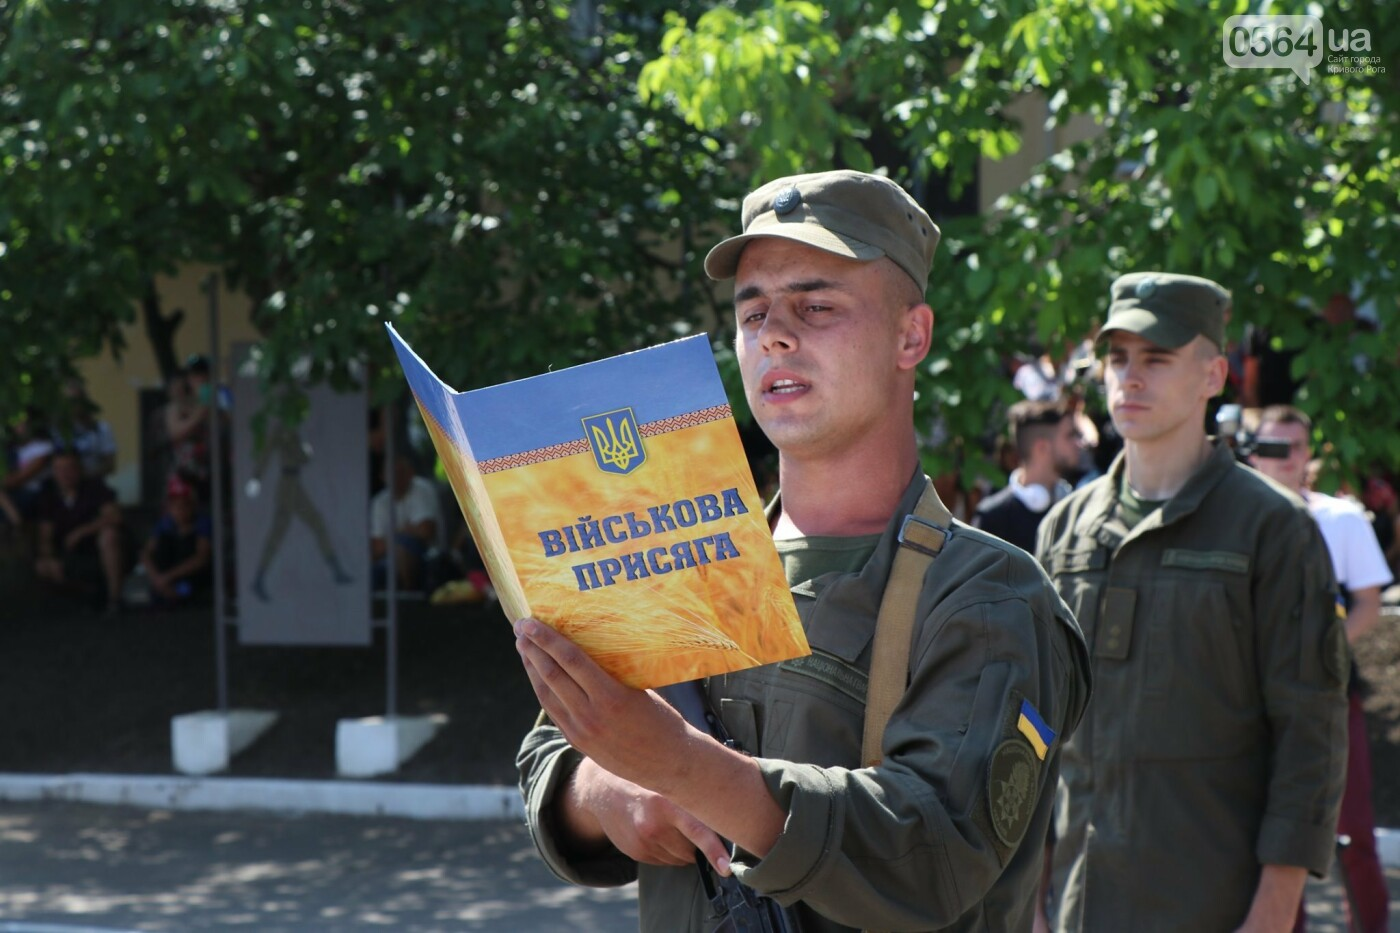 В Кривом Роге 168 нацгвардейцев торжественно приняли присягу на верность украинскому народу, - ФОТО, фото-20